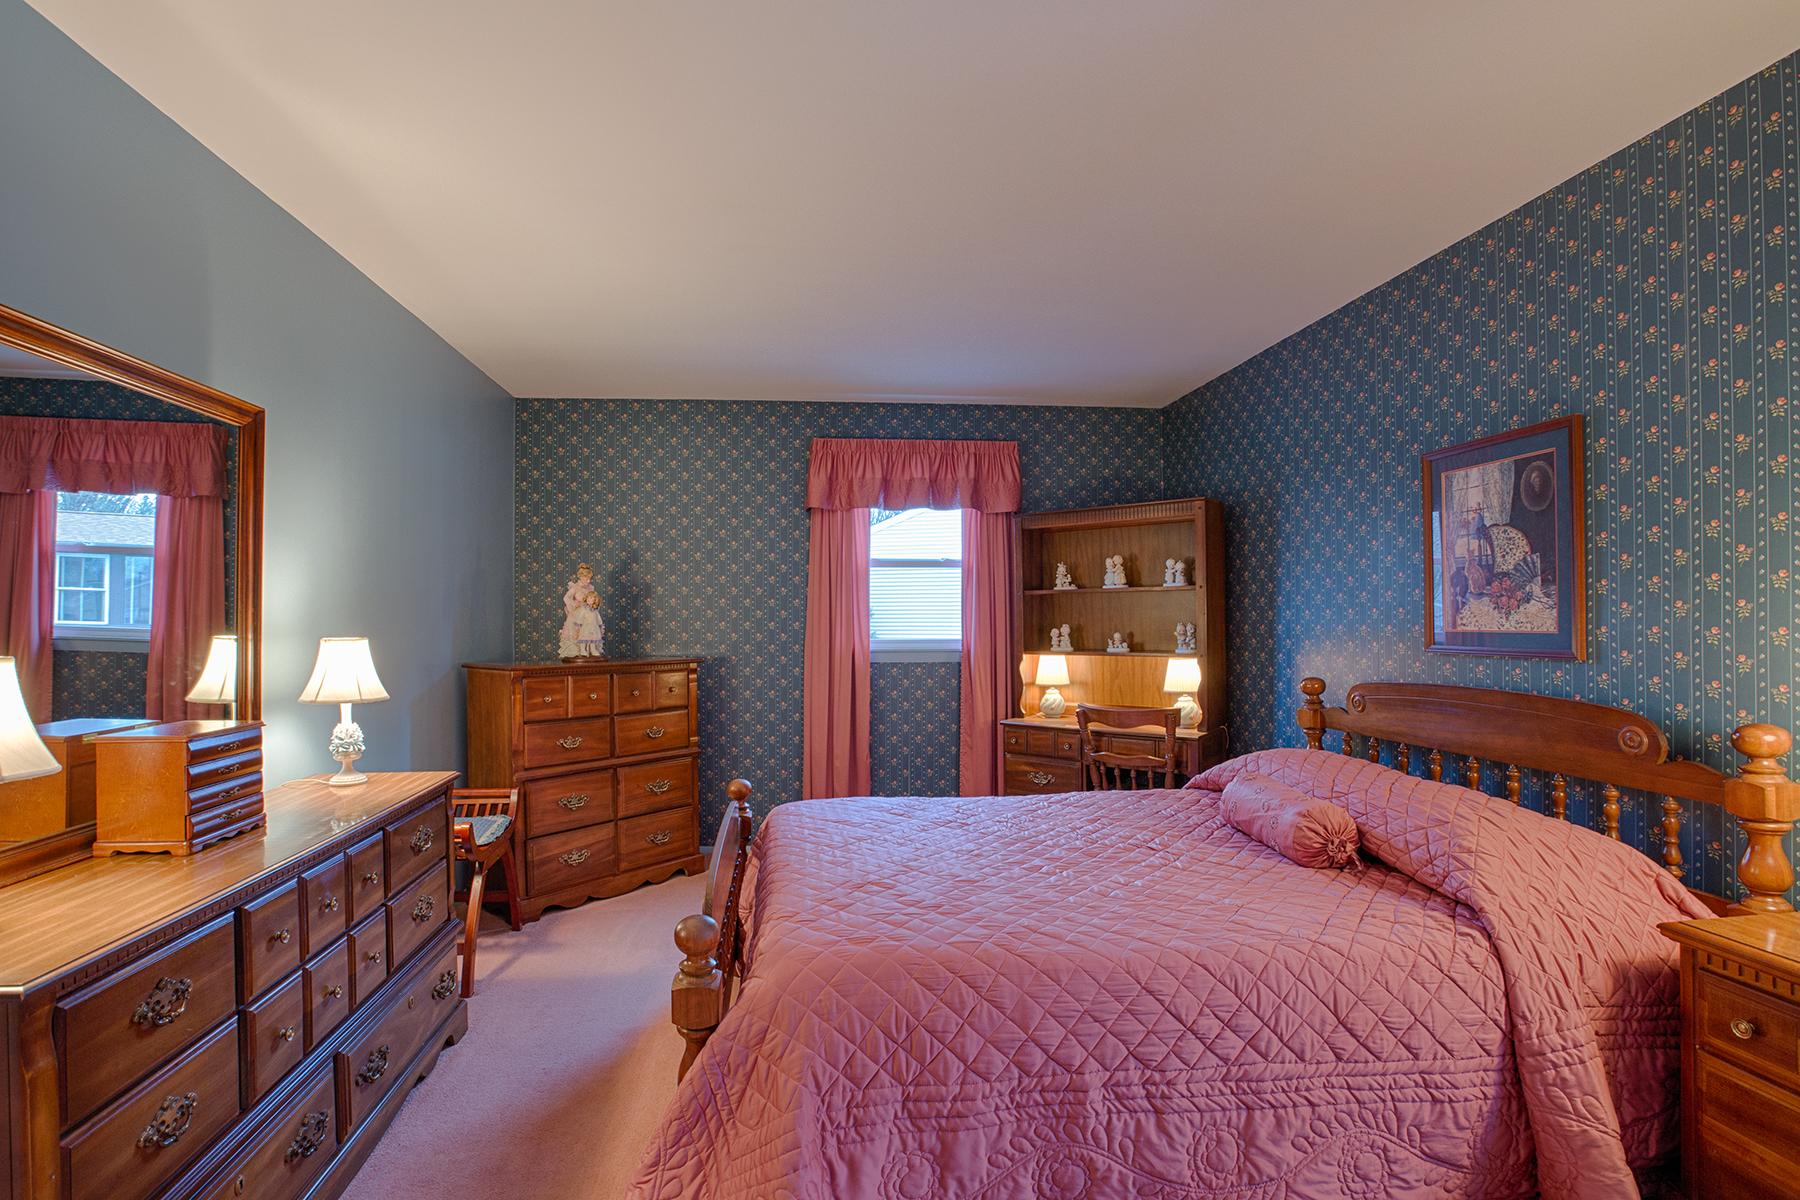 024 EAP Maria Barr 10 Lexington Rd Saratoga Springs crest 18.jpg